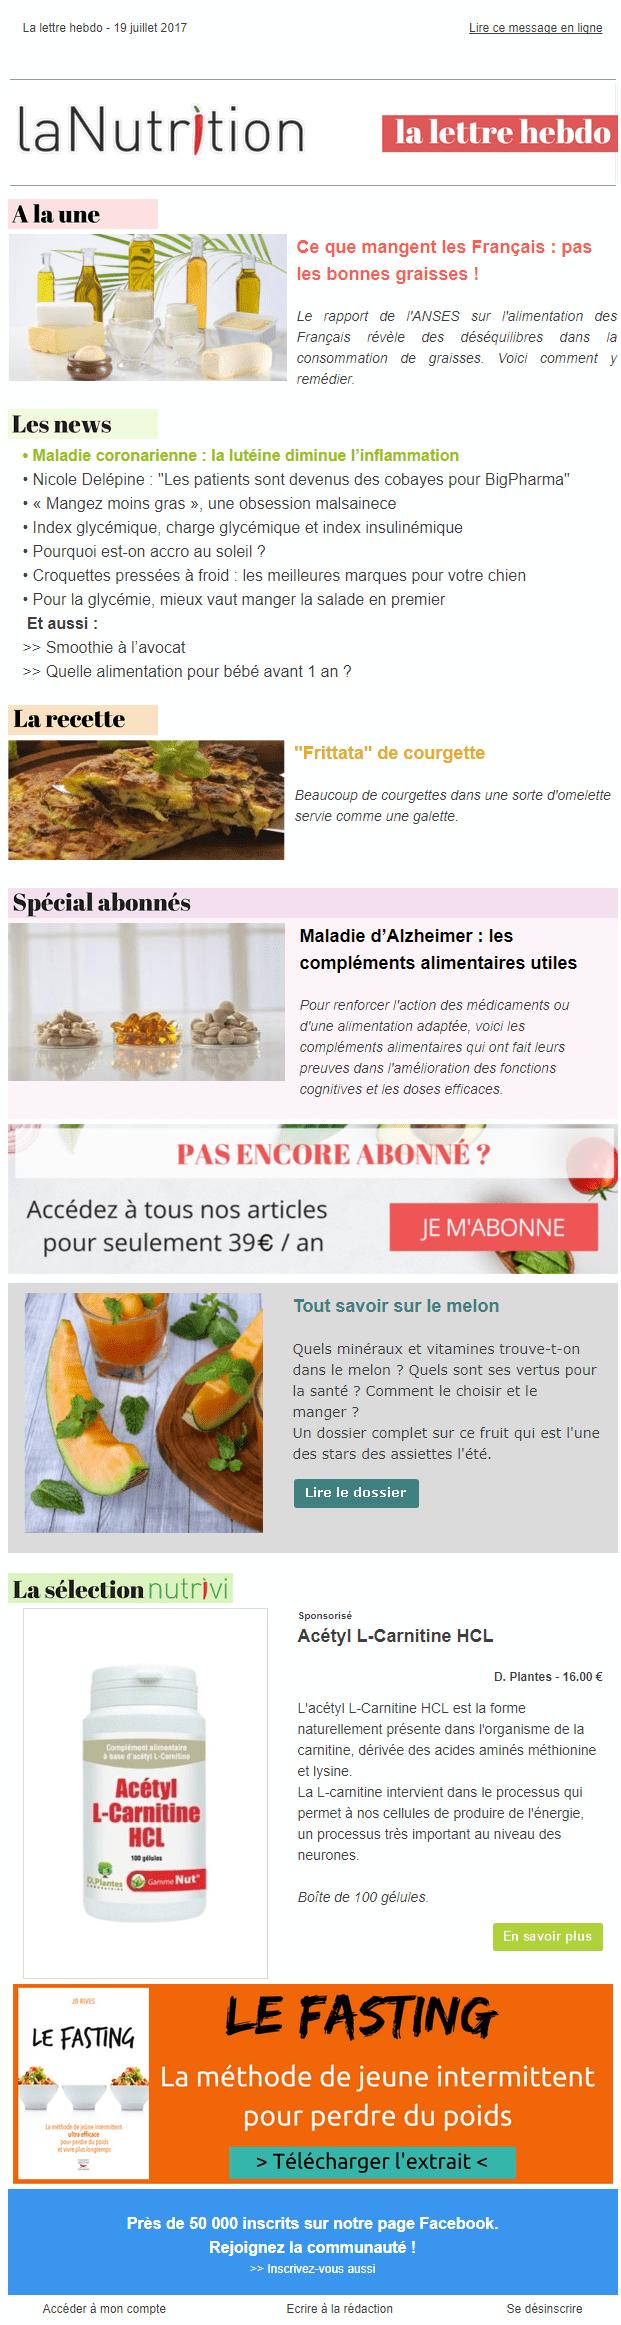 Exemple de newsletter #14 : La Nutrition